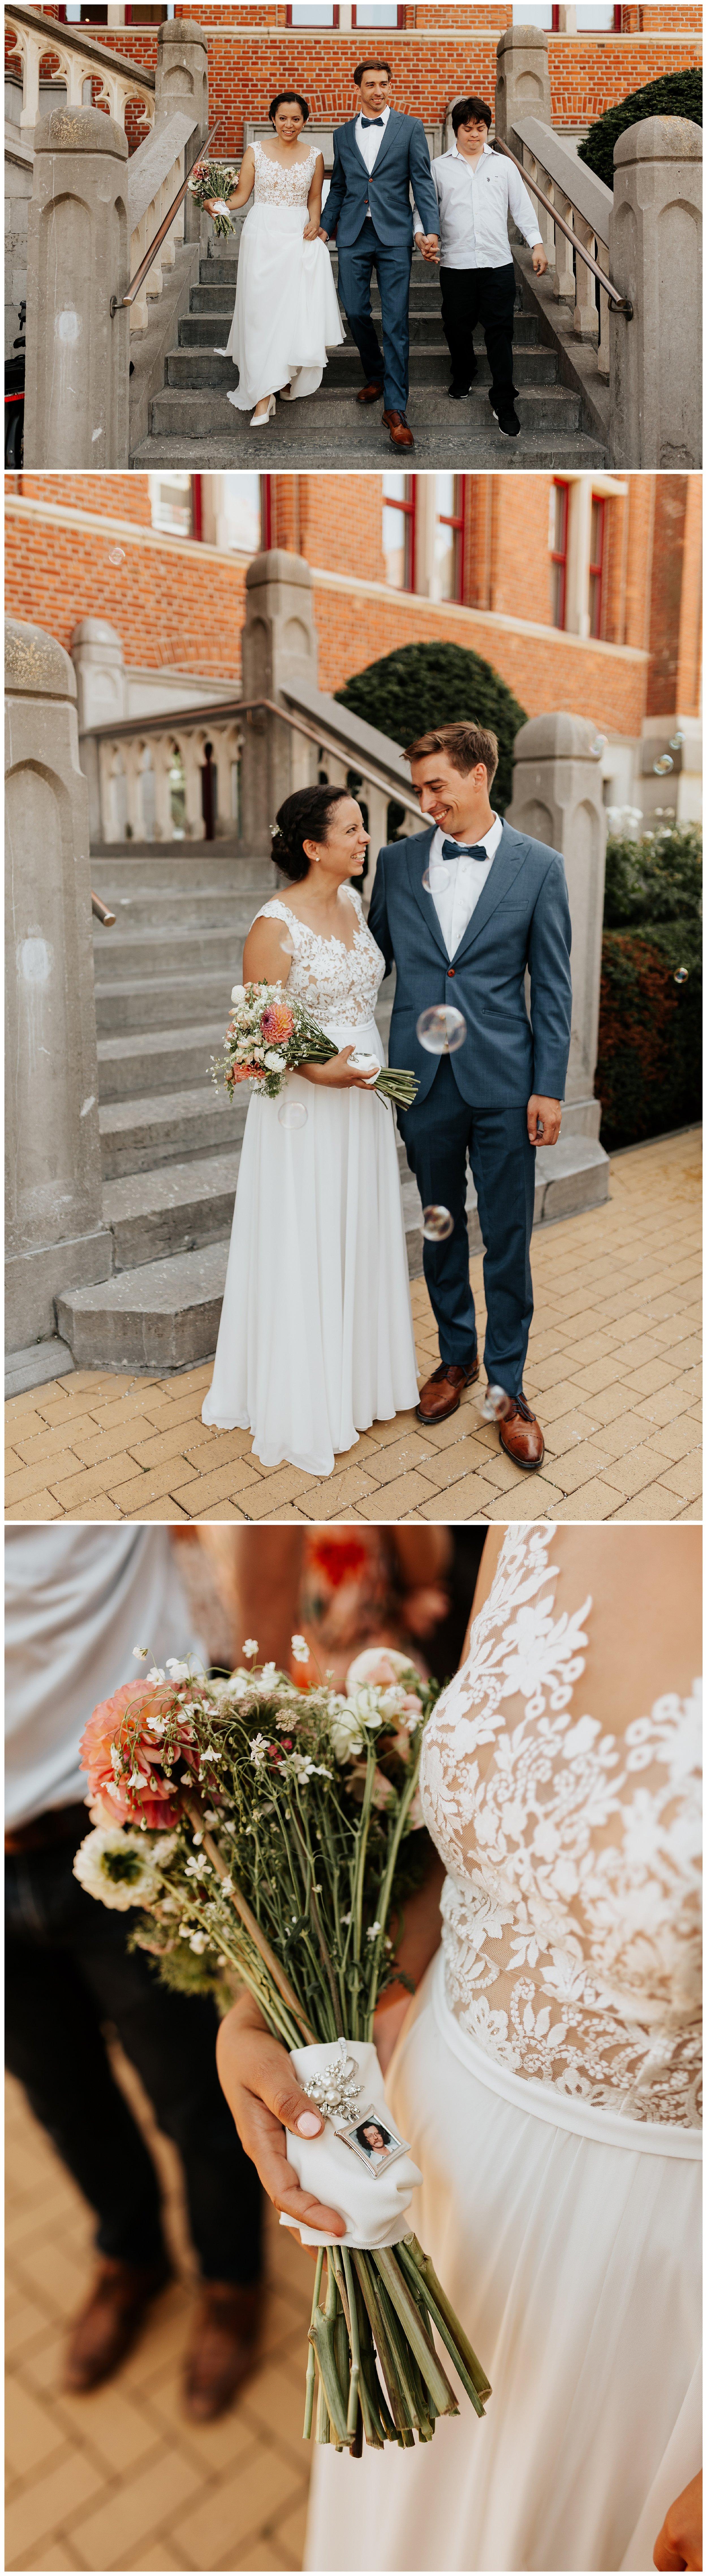 huwelijksfotograaf-huwelijksfotografie-knokke-heist-lisa-helsen-photography-trouwfotograaf-trouwfoto-sabine-pieter_0008.jpg